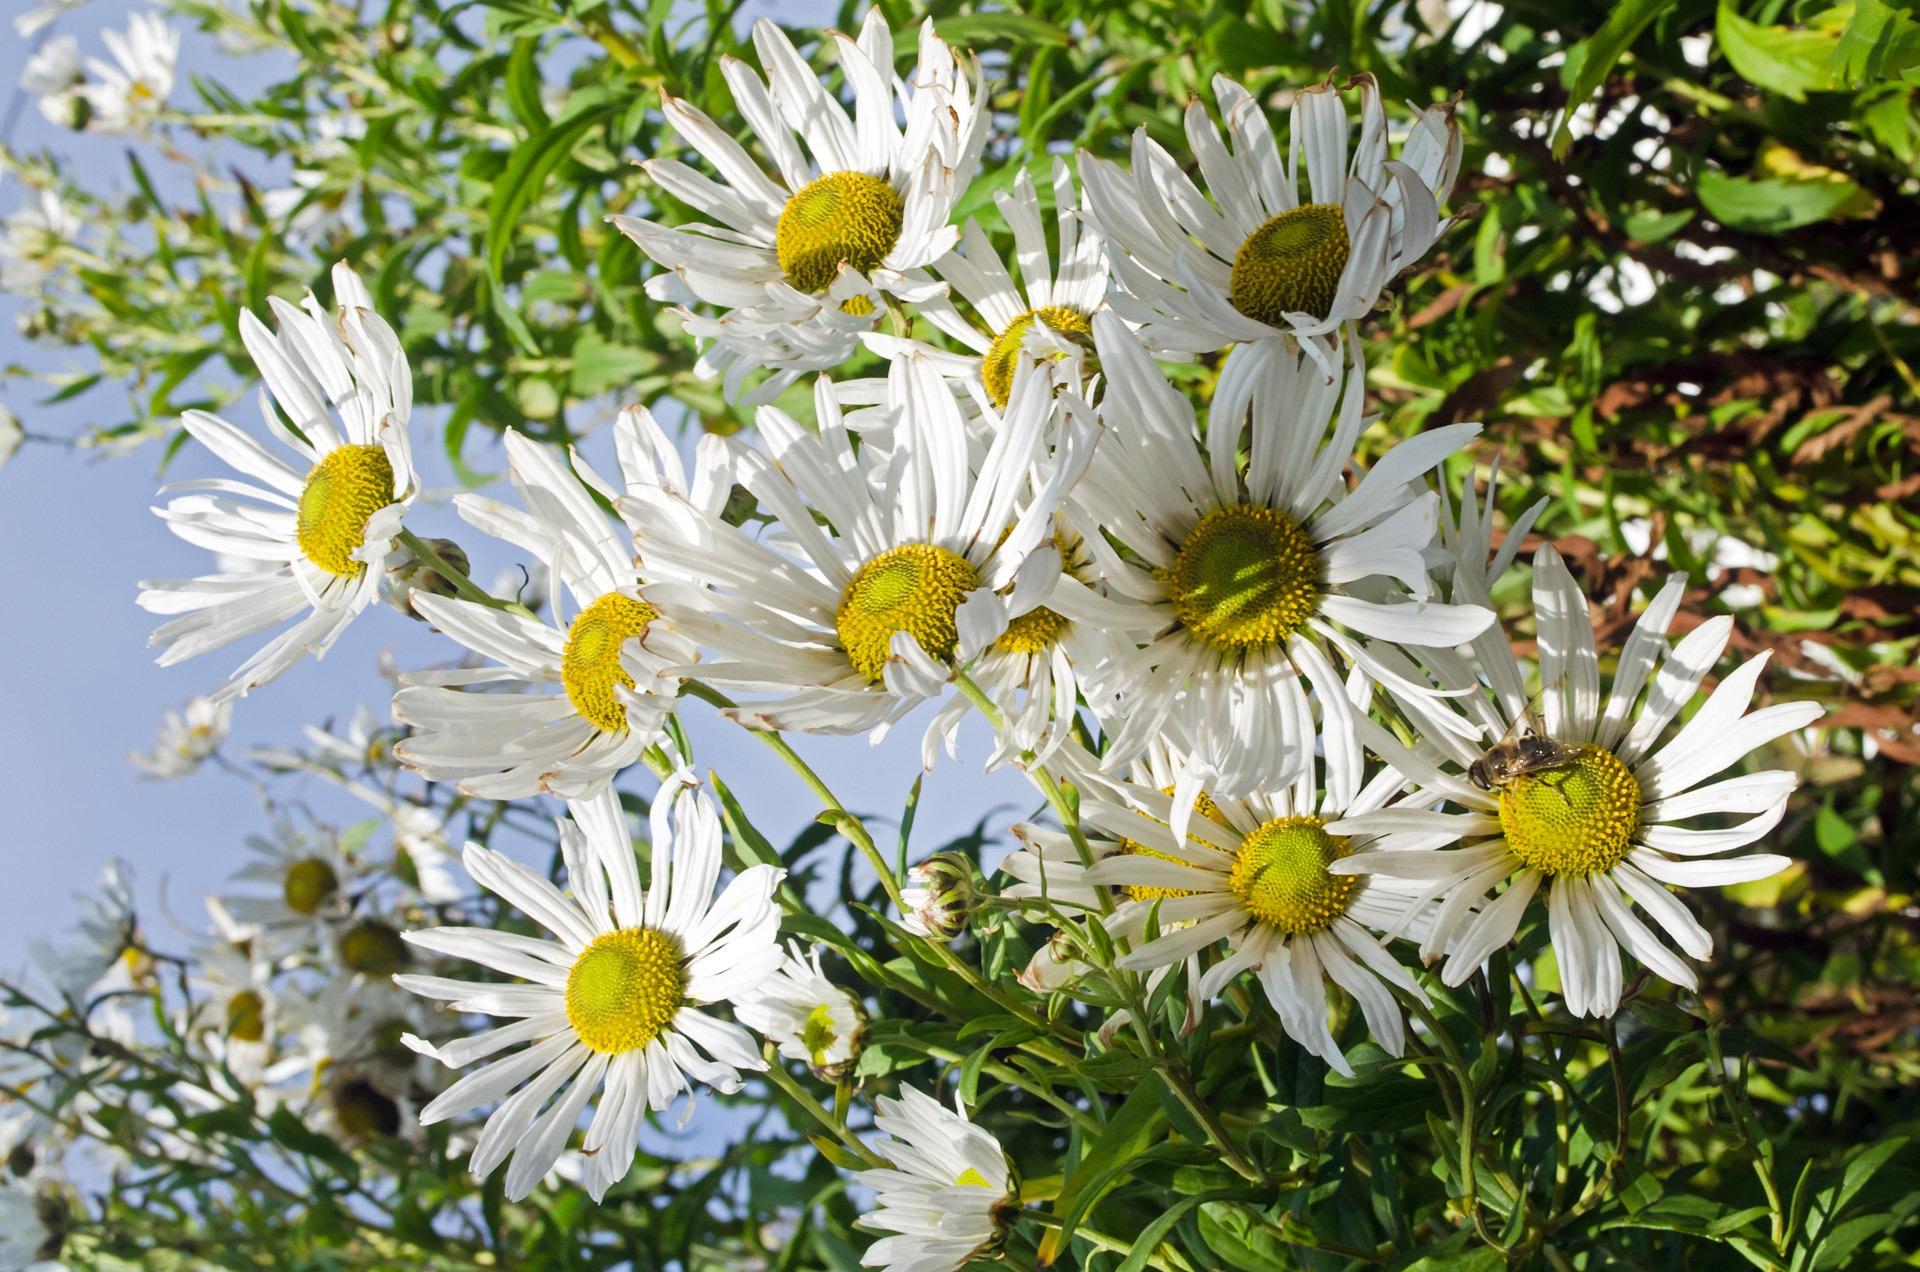 fotos gratis naturaleza prado ptalo amor regalo decoracin rojo macro natural botnica boda flora temporada plantas ornamento